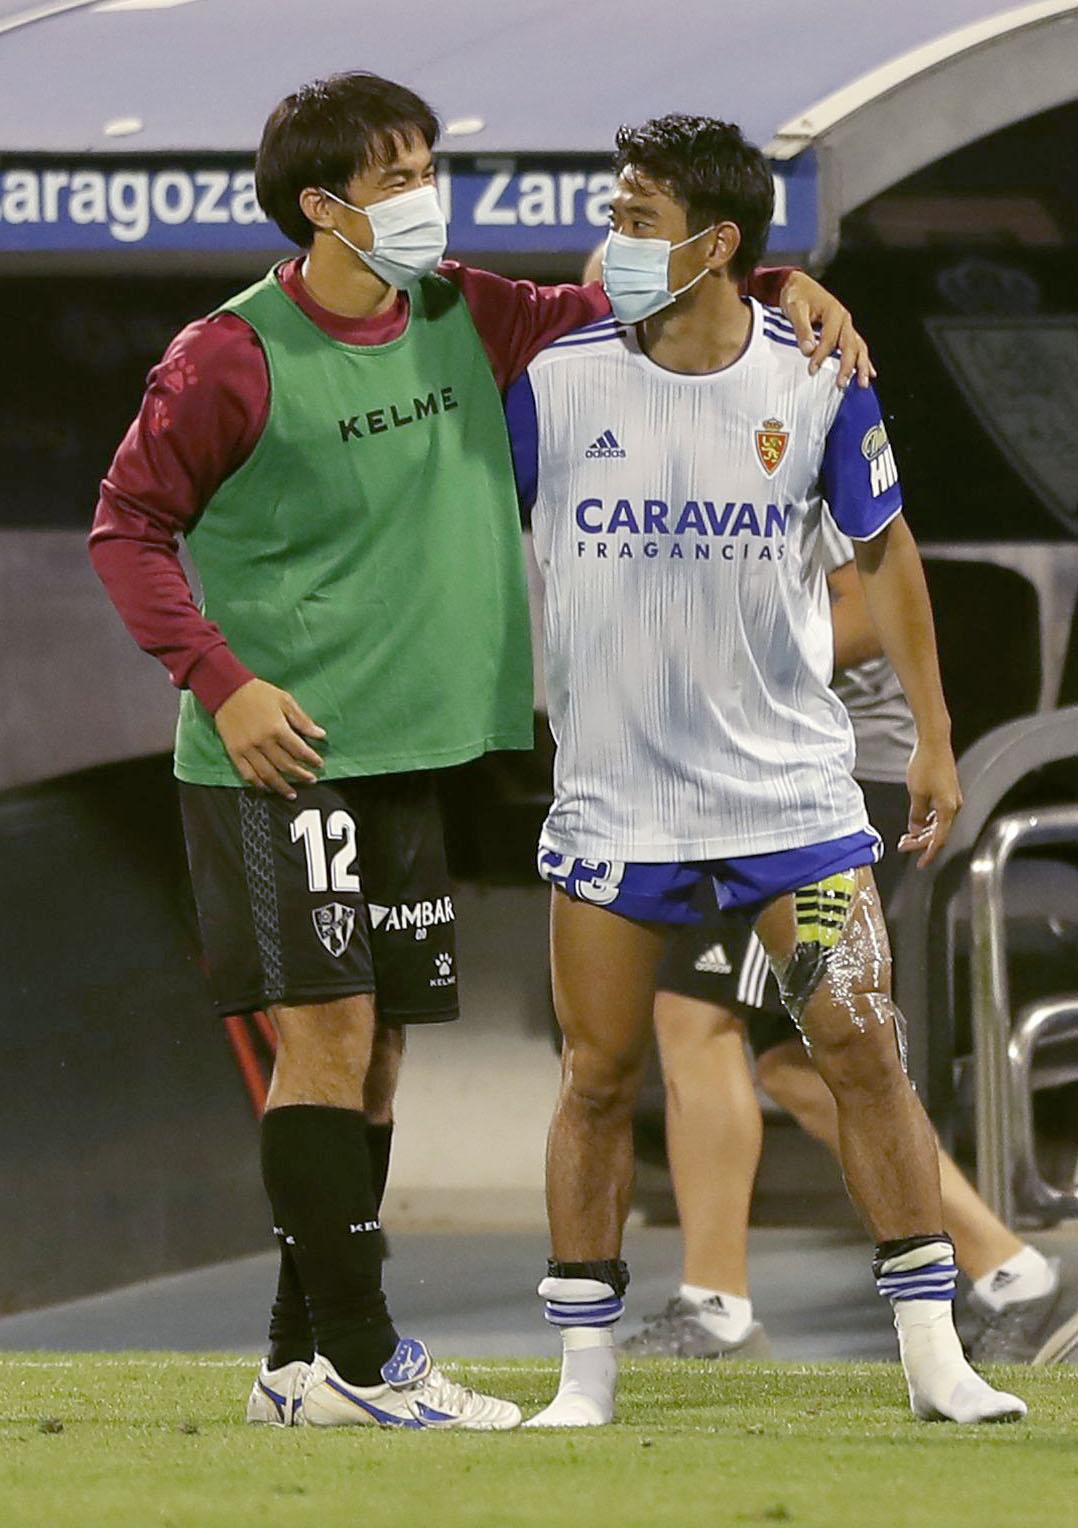 試合後、健闘をたたえ合うウエスカの岡崎(左)とサラゴサの香川(共同)